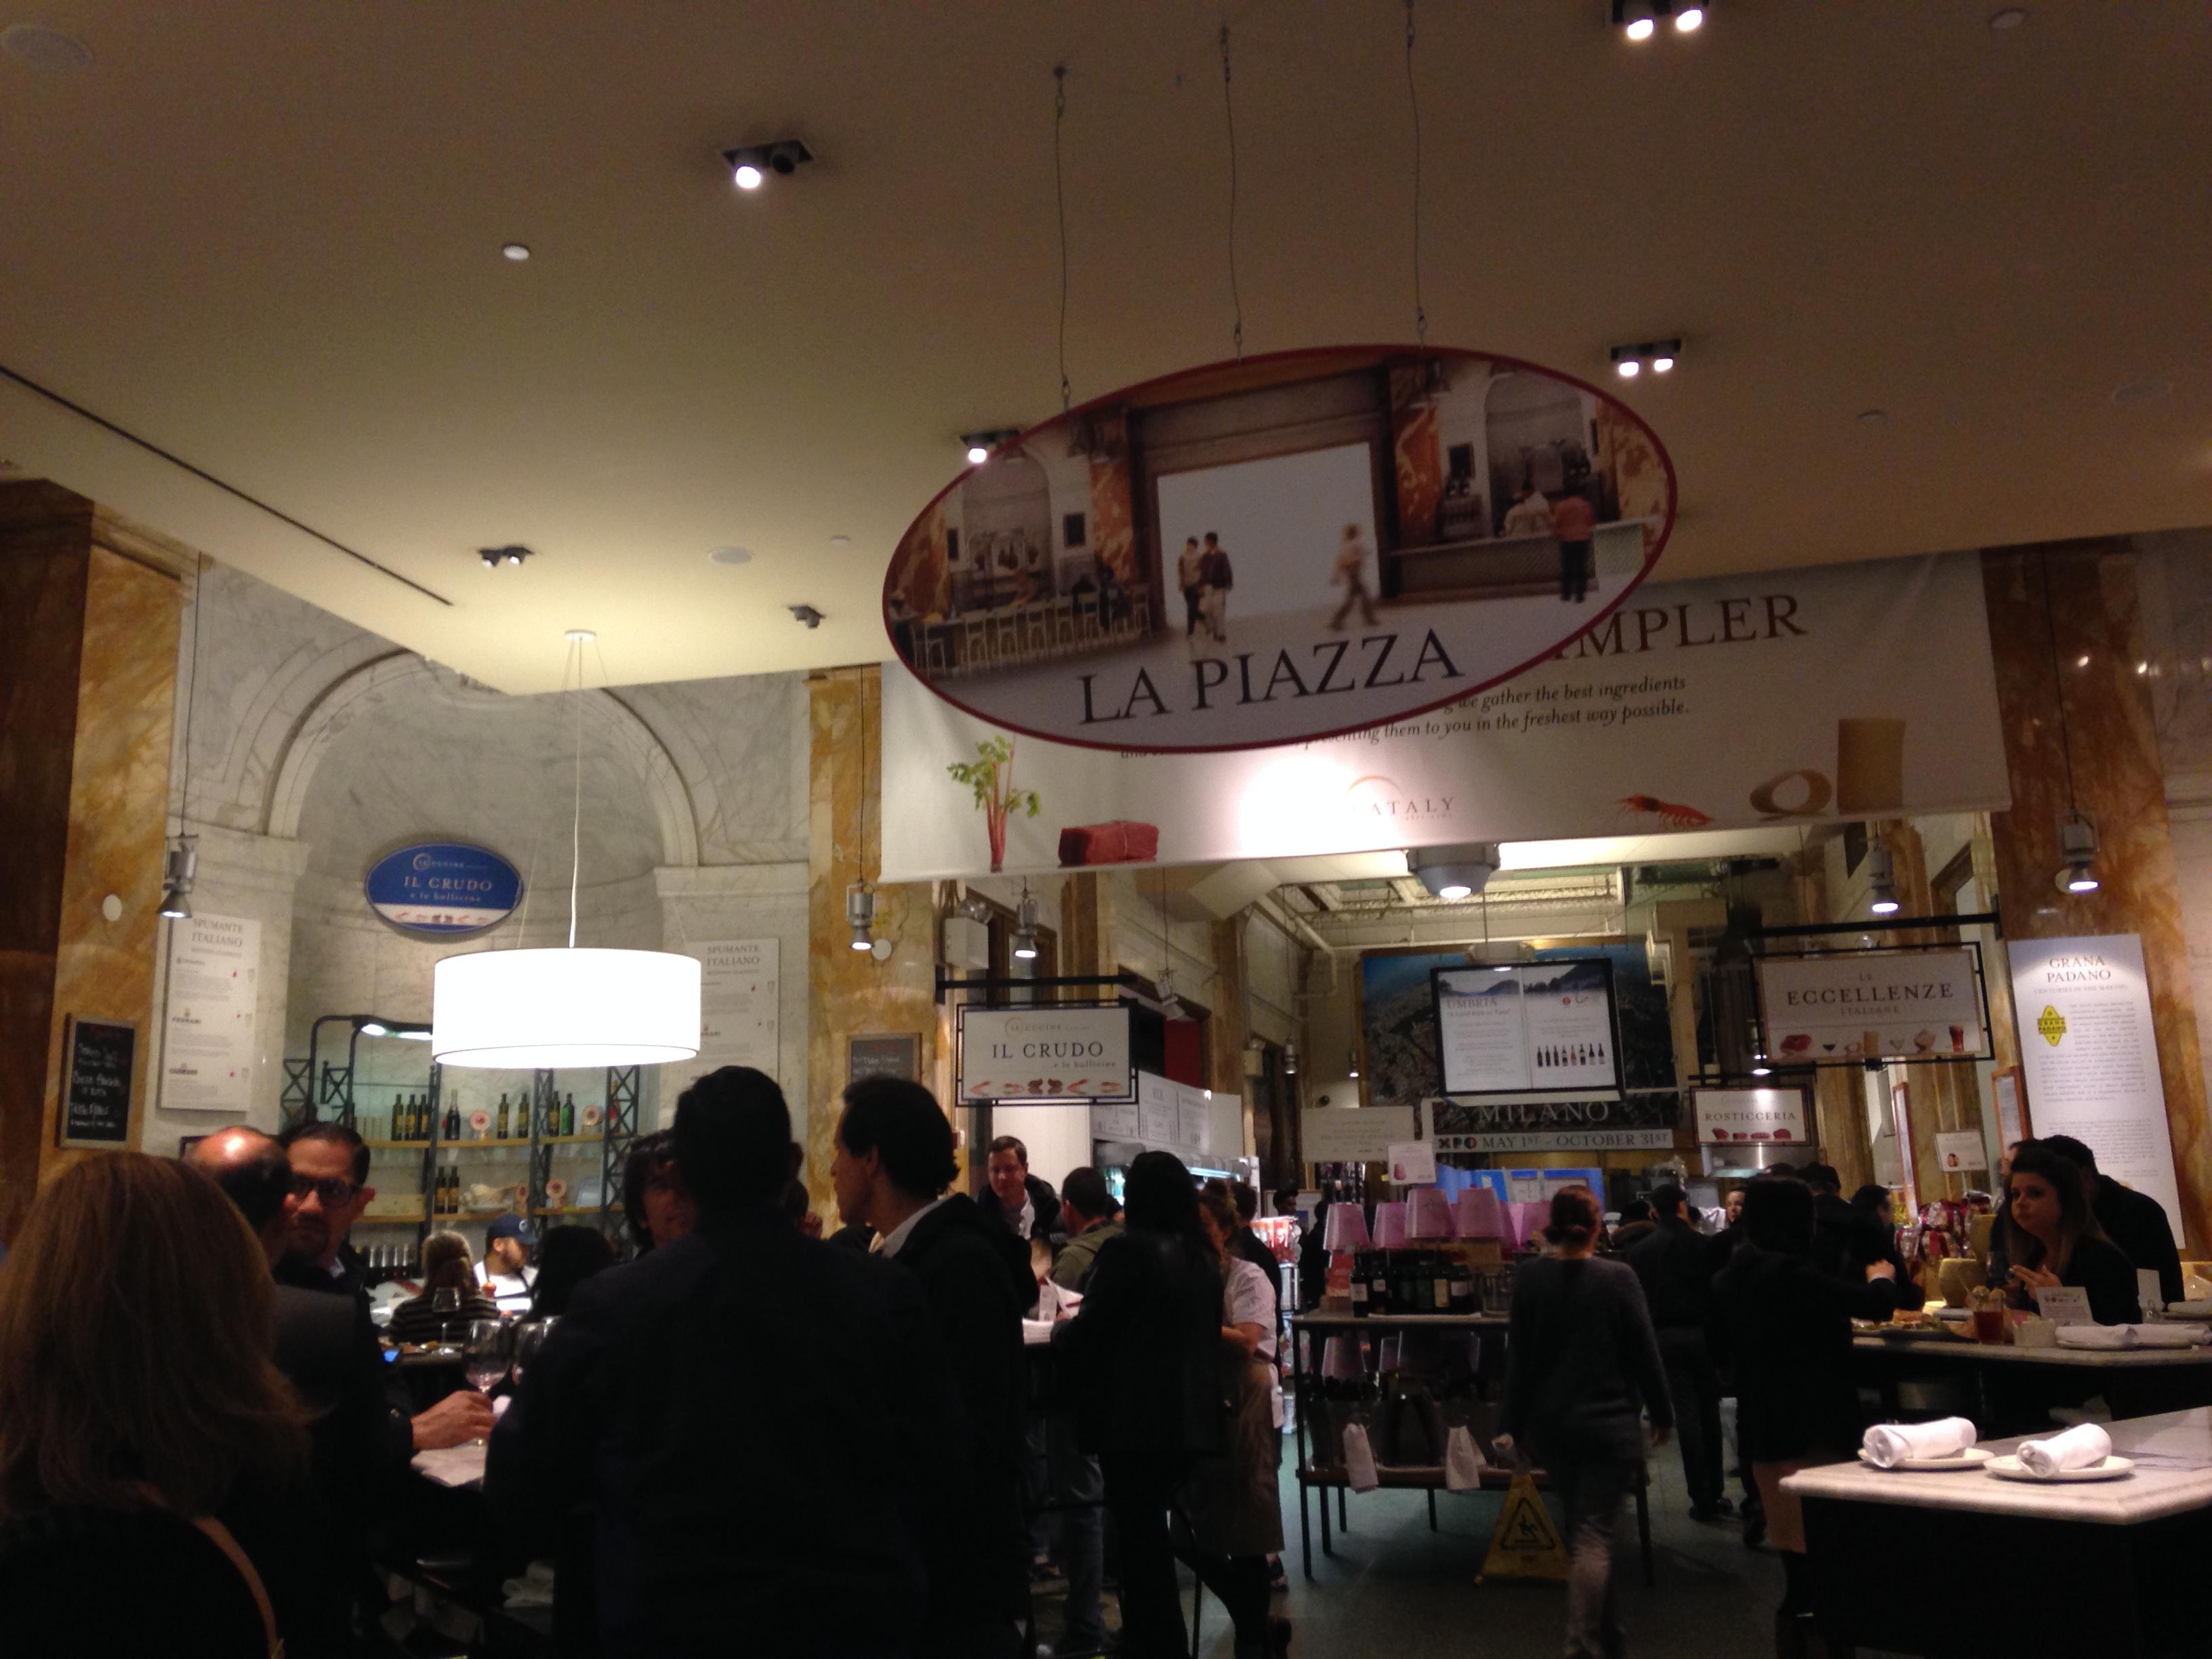 20141113 192823568 ios - Almorzando en Eataly en New York